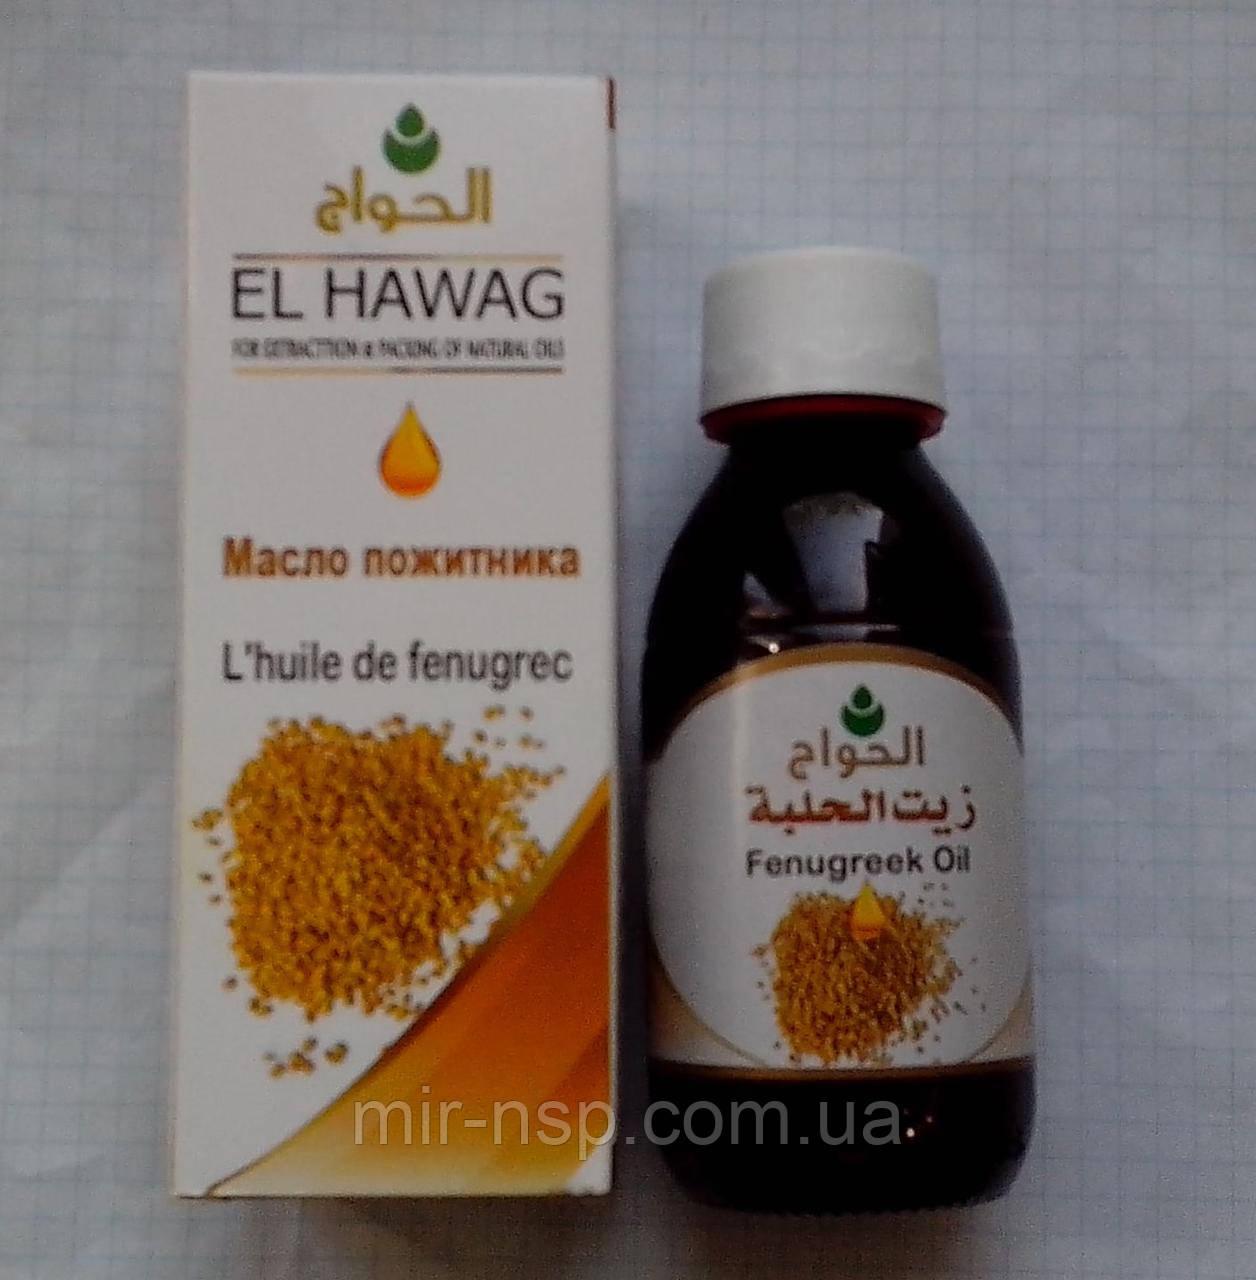 Масло хильбы пажитника хельбы Египет 125мл El Hawag